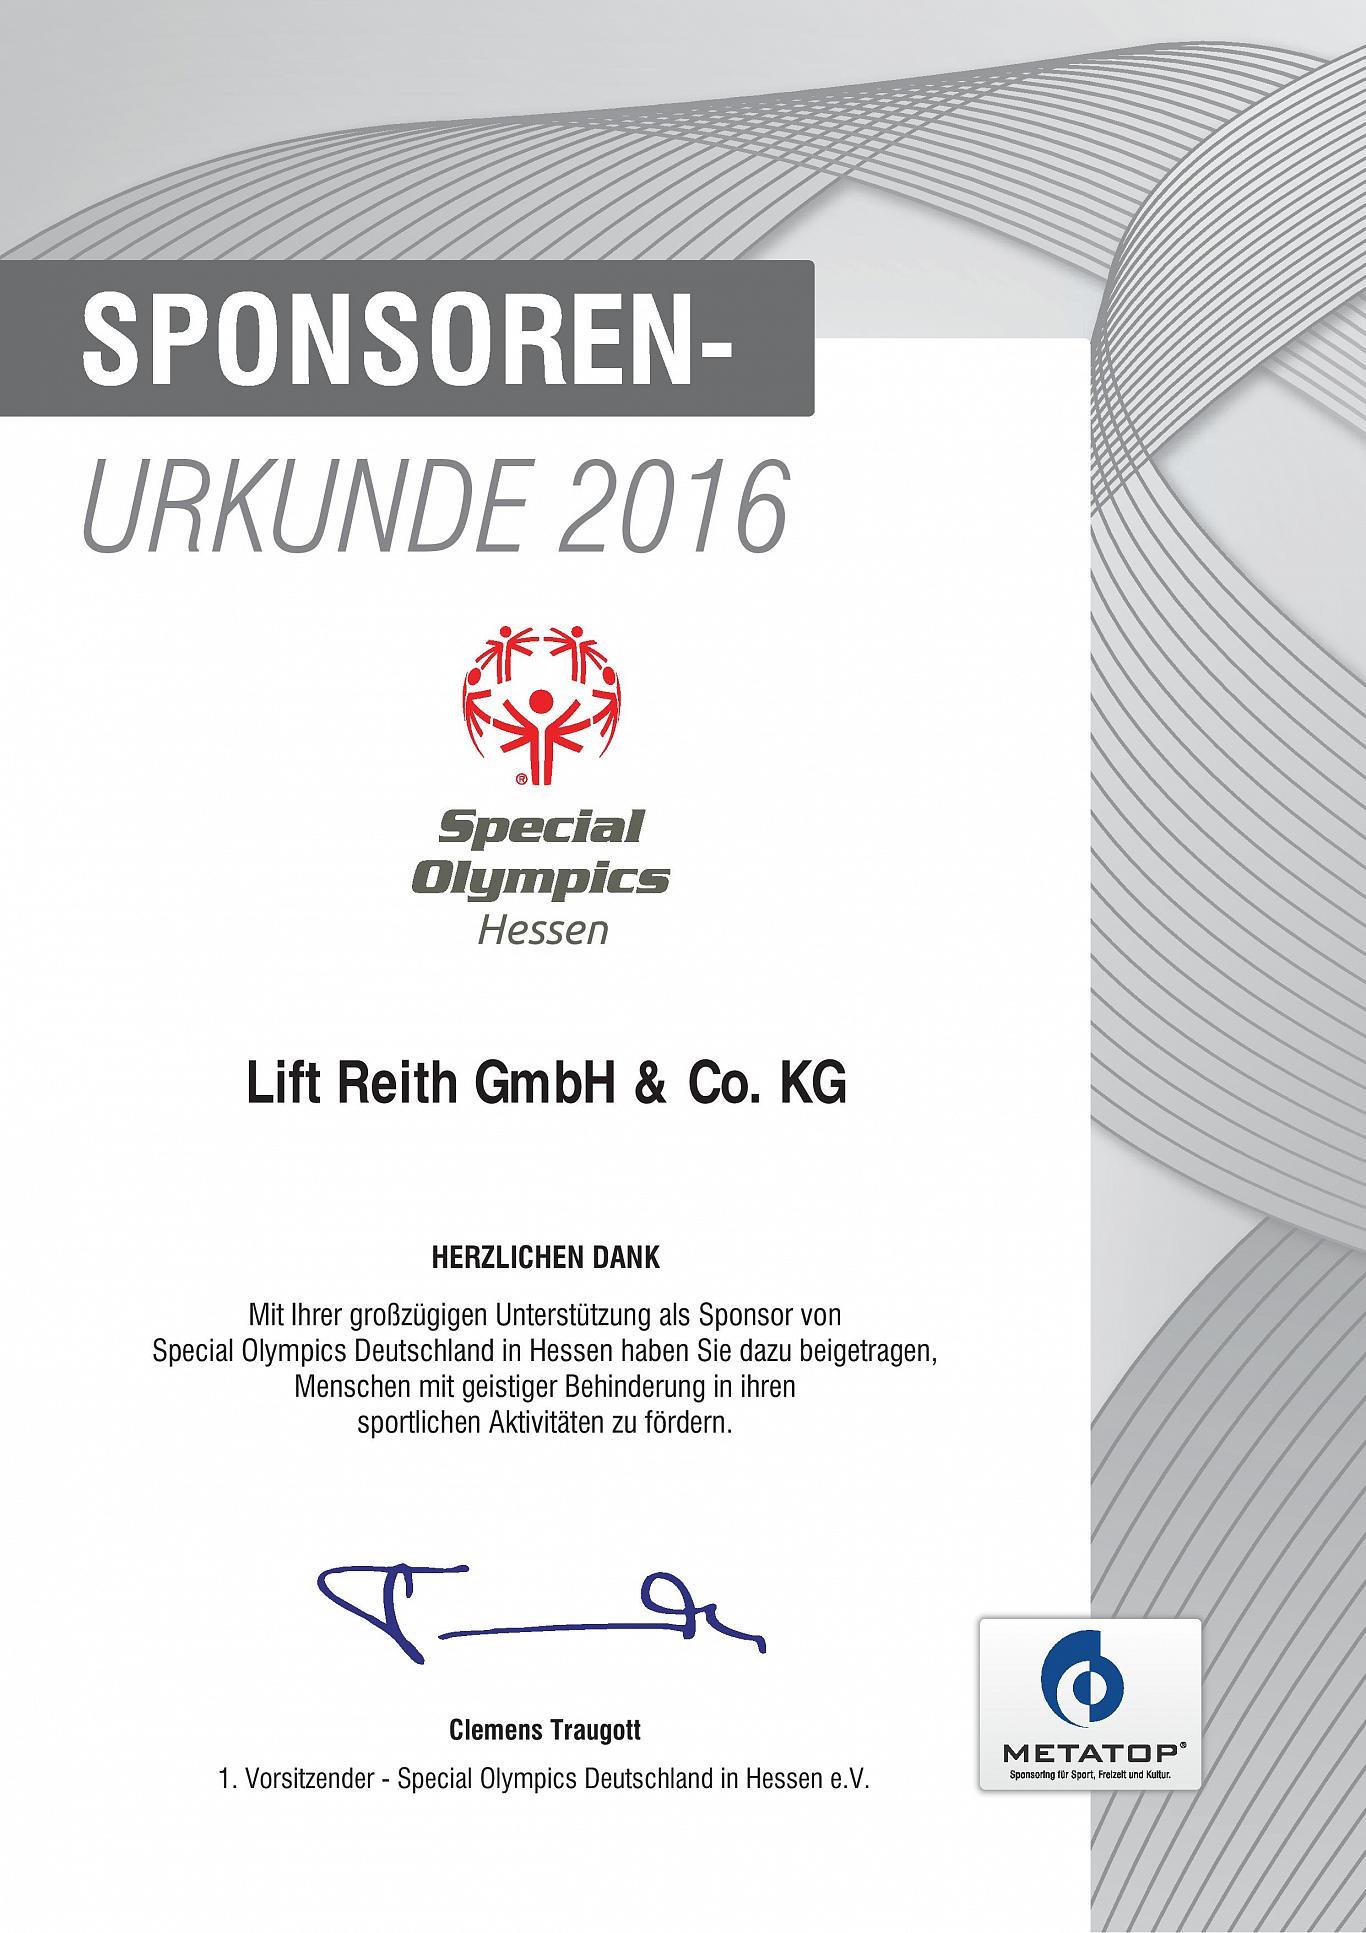 Lift Reith ist offizieller Partner der Special Olympics Hessen und unterschützt somit Menschen mit Behinderungen